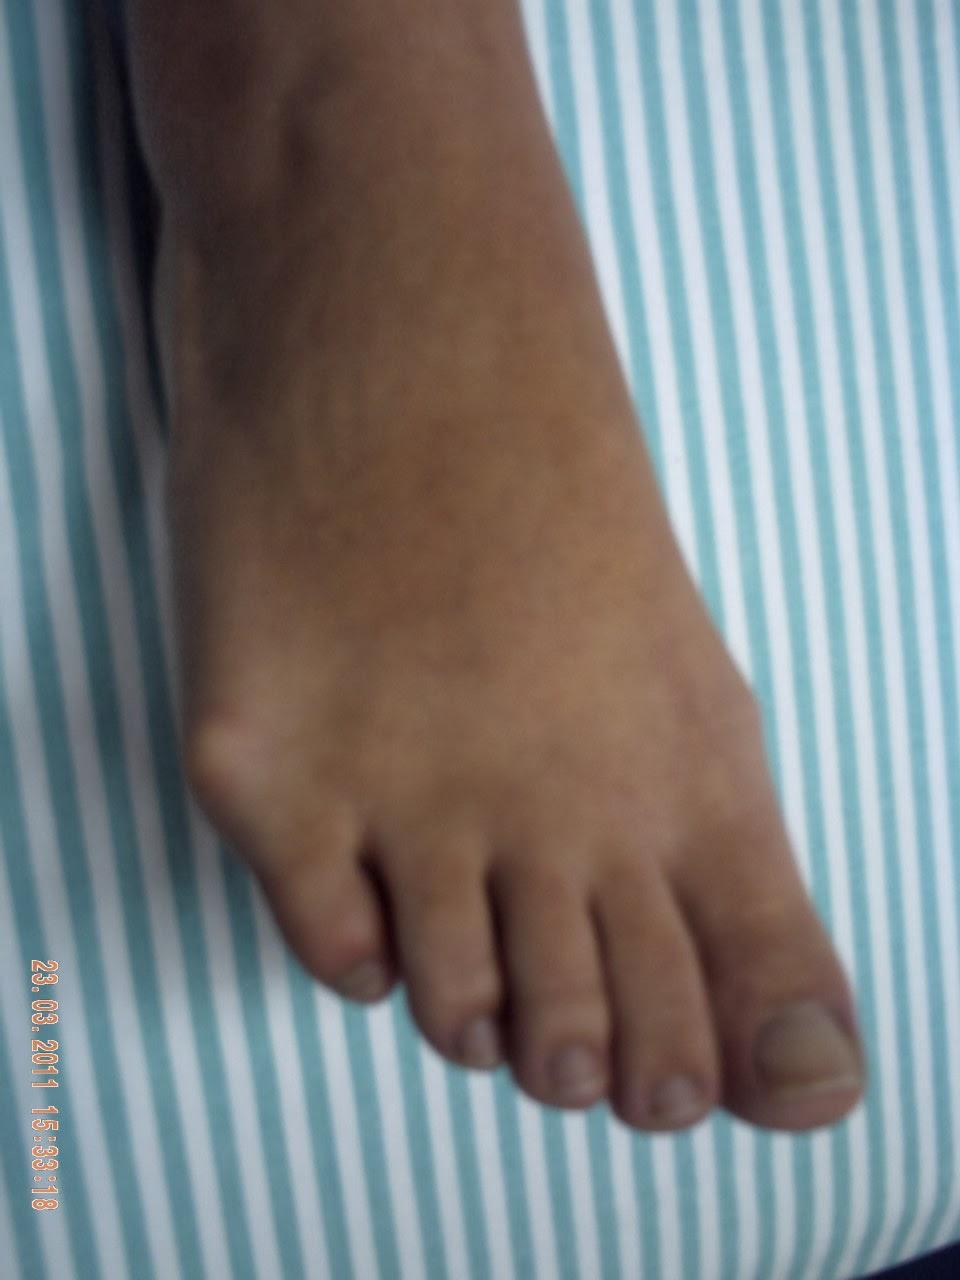 Medicina de um fungo de respostas de pés